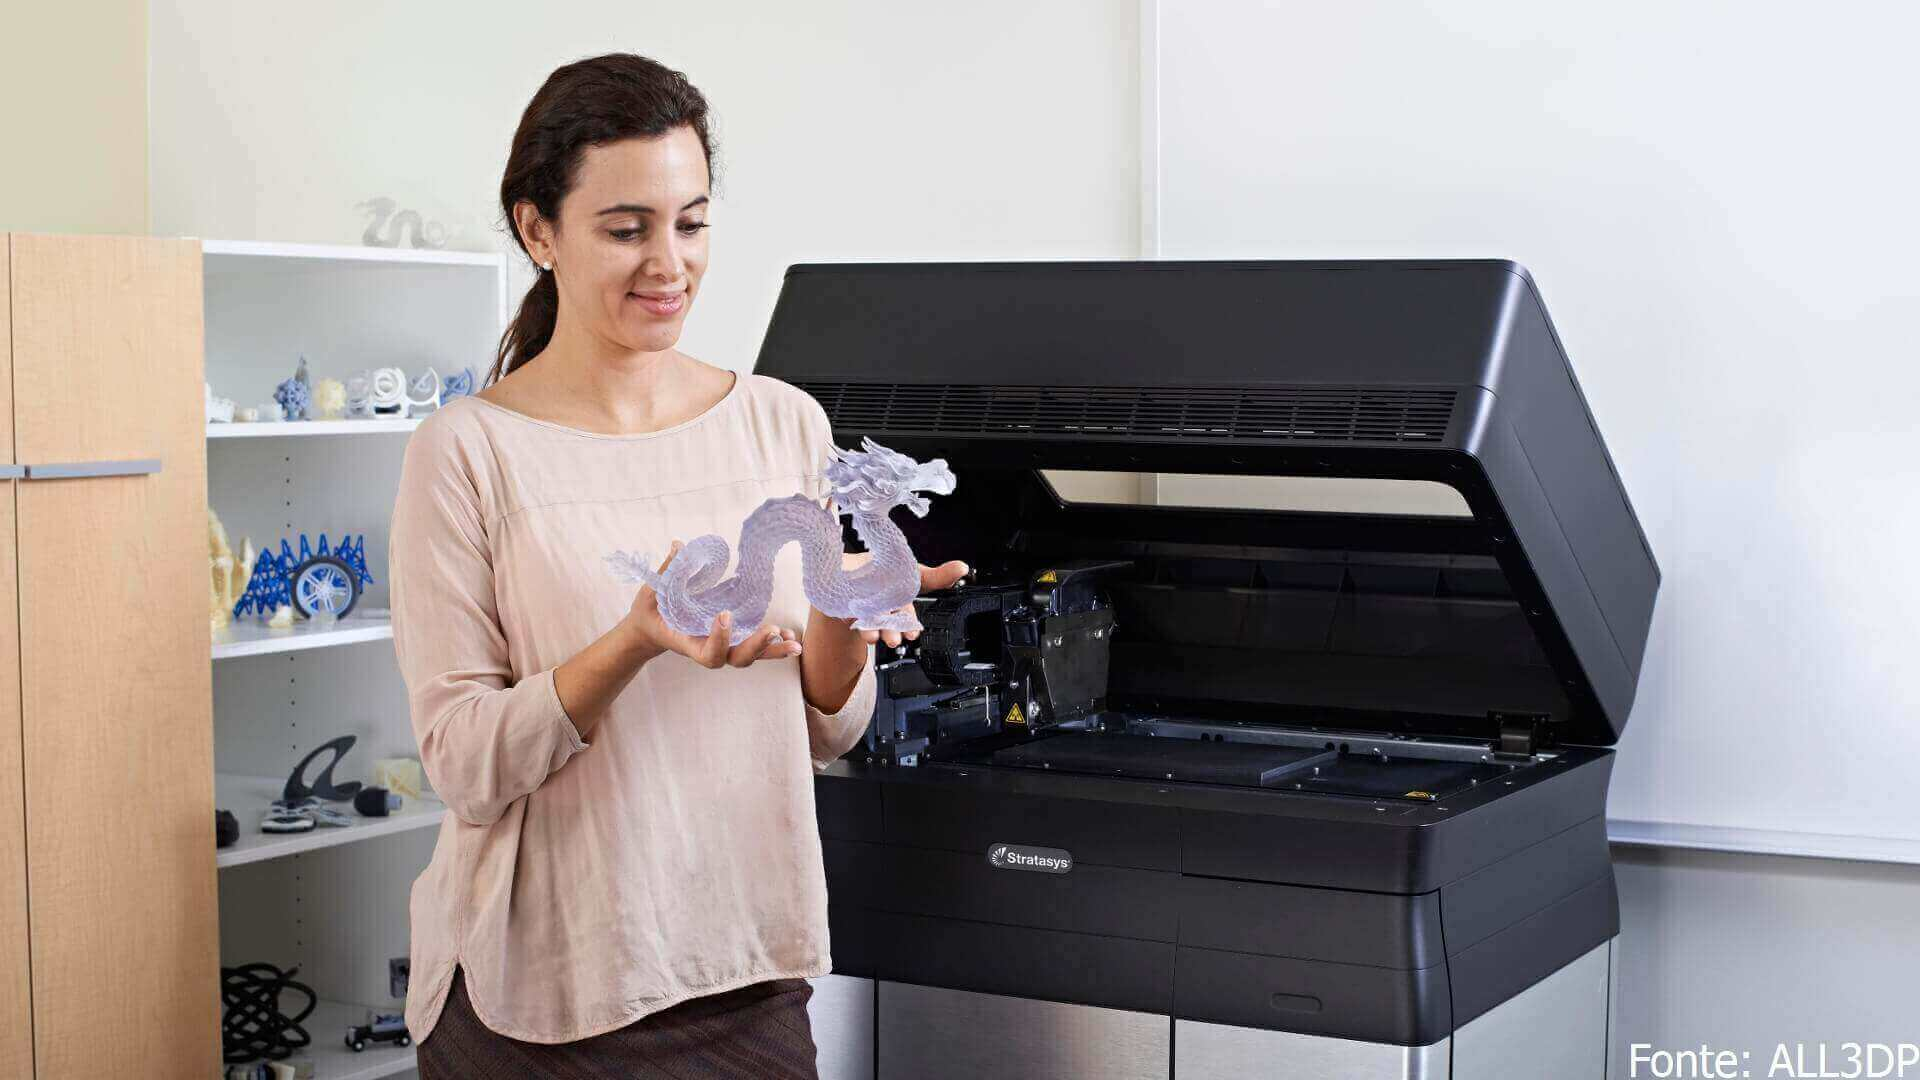 Impressão 3D, nova revolução industrial Impressão 3D, nova revolução industrial best industrial 3D printer fonte